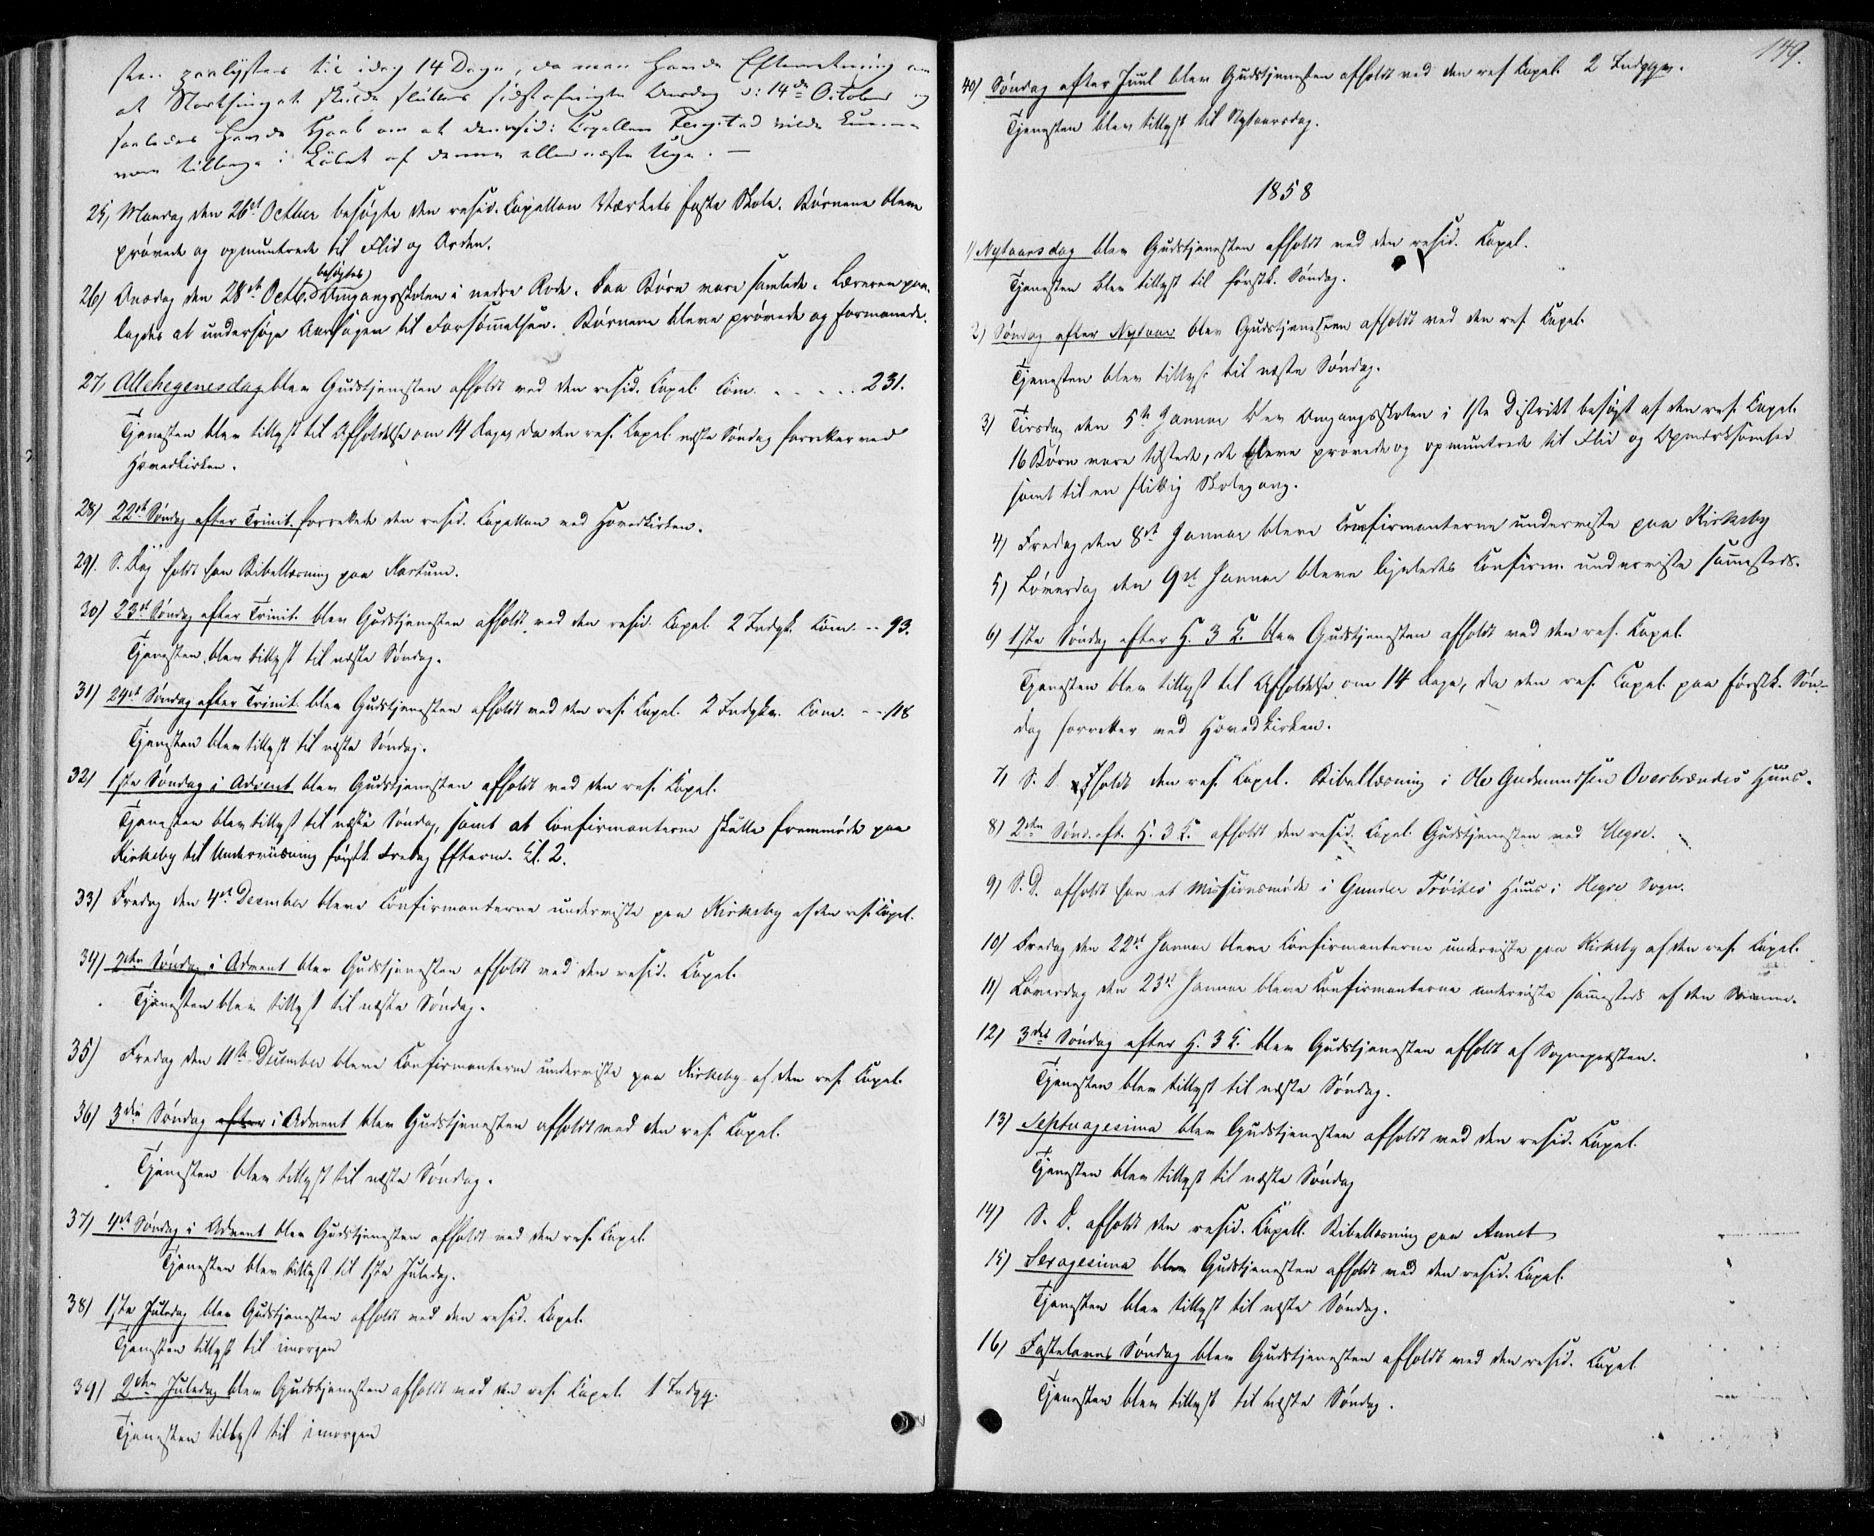 SAT, Ministerialprotokoller, klokkerbøker og fødselsregistre - Nord-Trøndelag, 706/L0040: Ministerialbok nr. 706A01, 1850-1861, s. 149